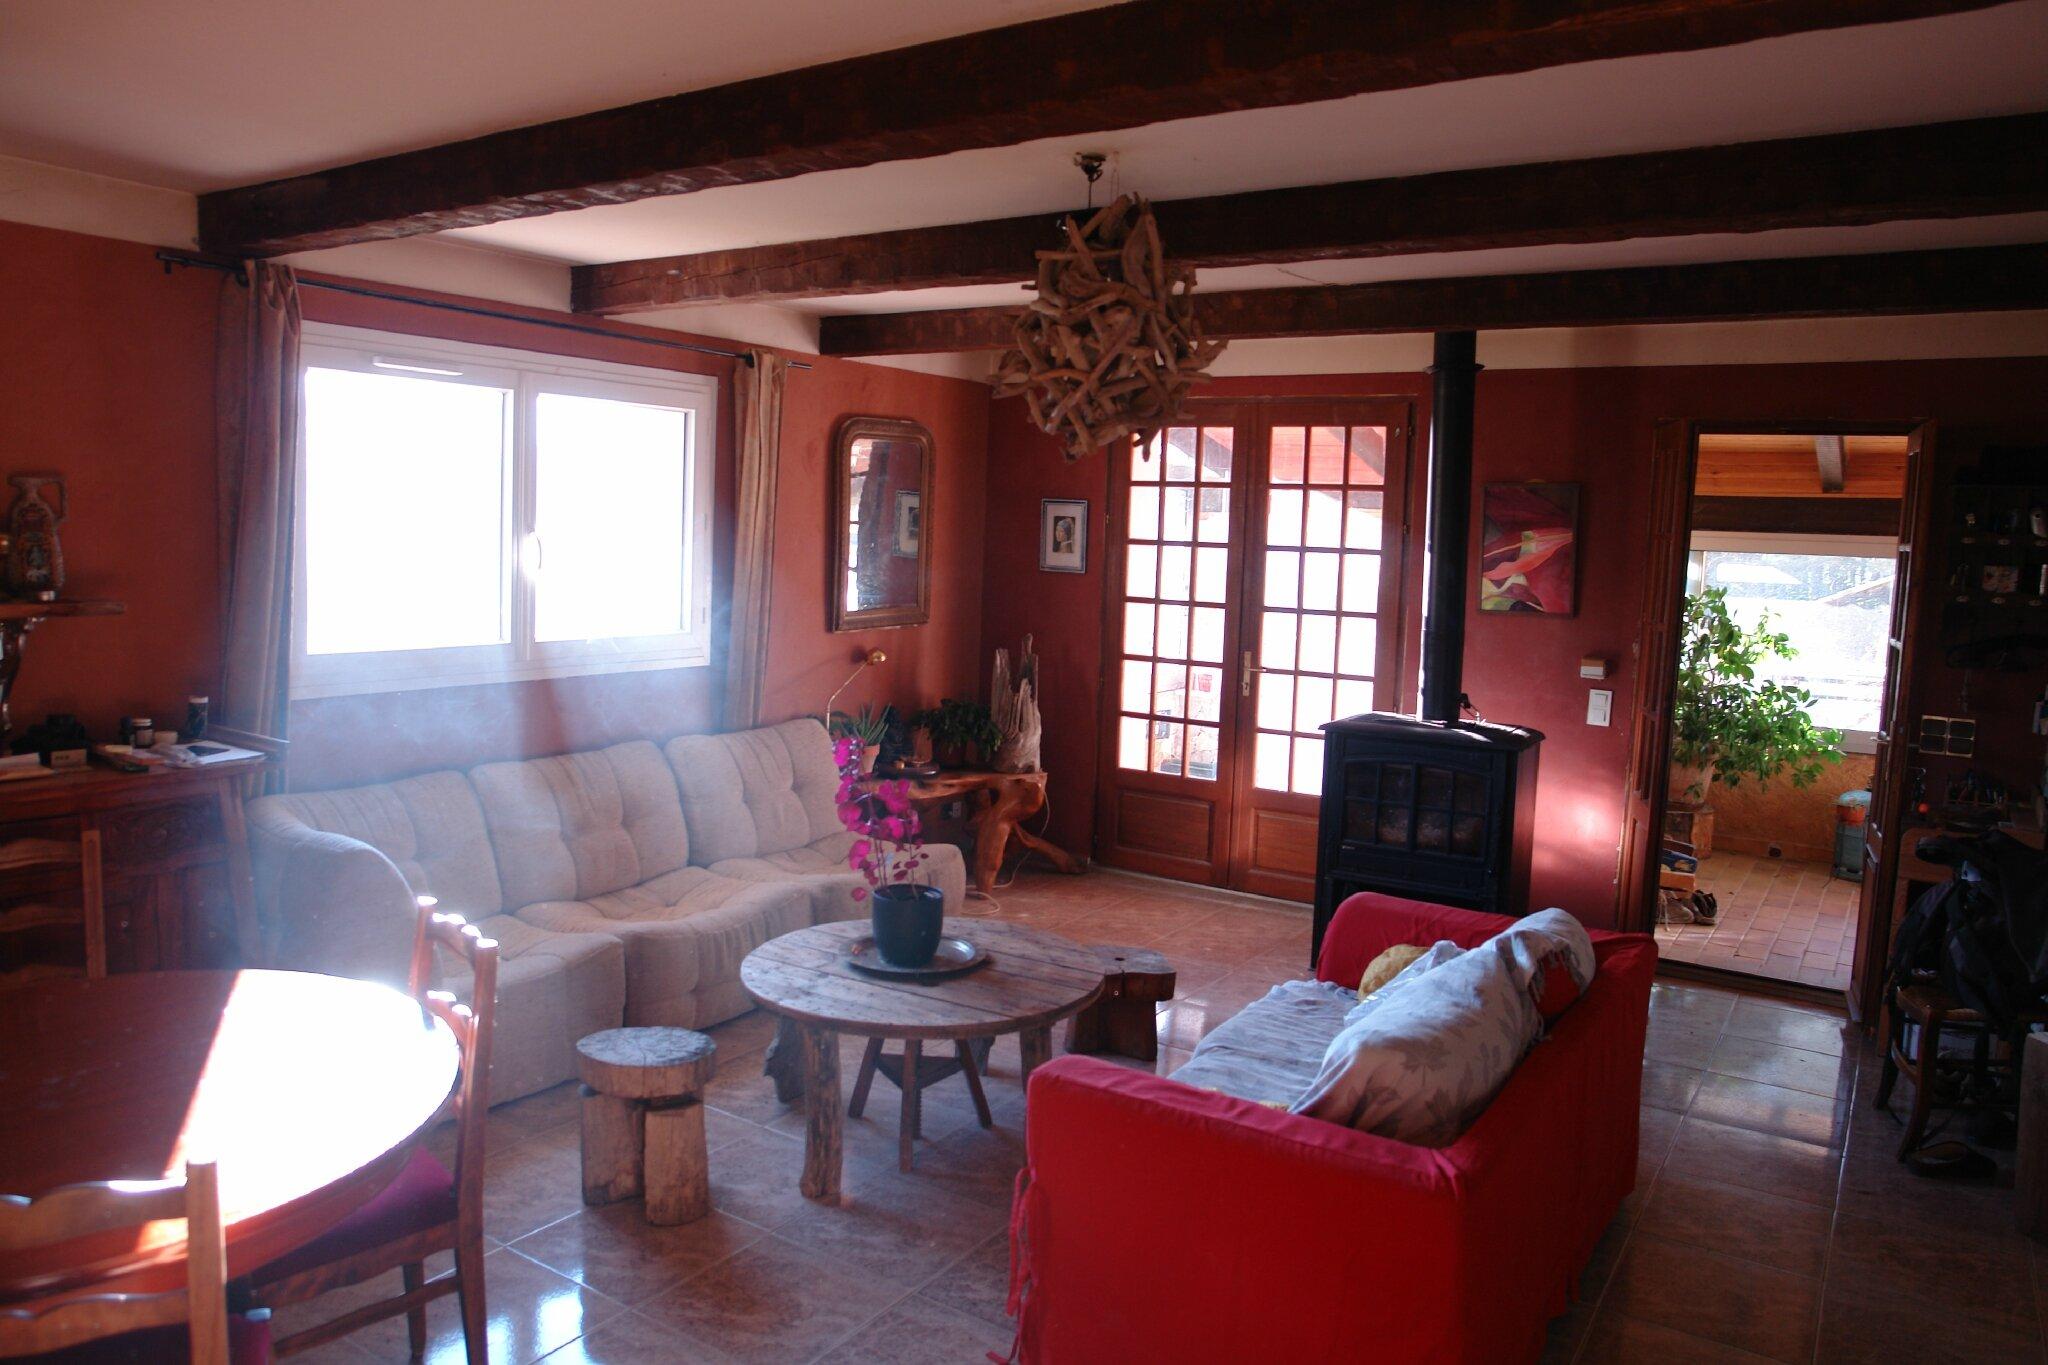 Séjour exposé plein Est. porte vitrée de droite: sas d'entrée, porte vitrée de gauche: véranda, exposées plein Sud d